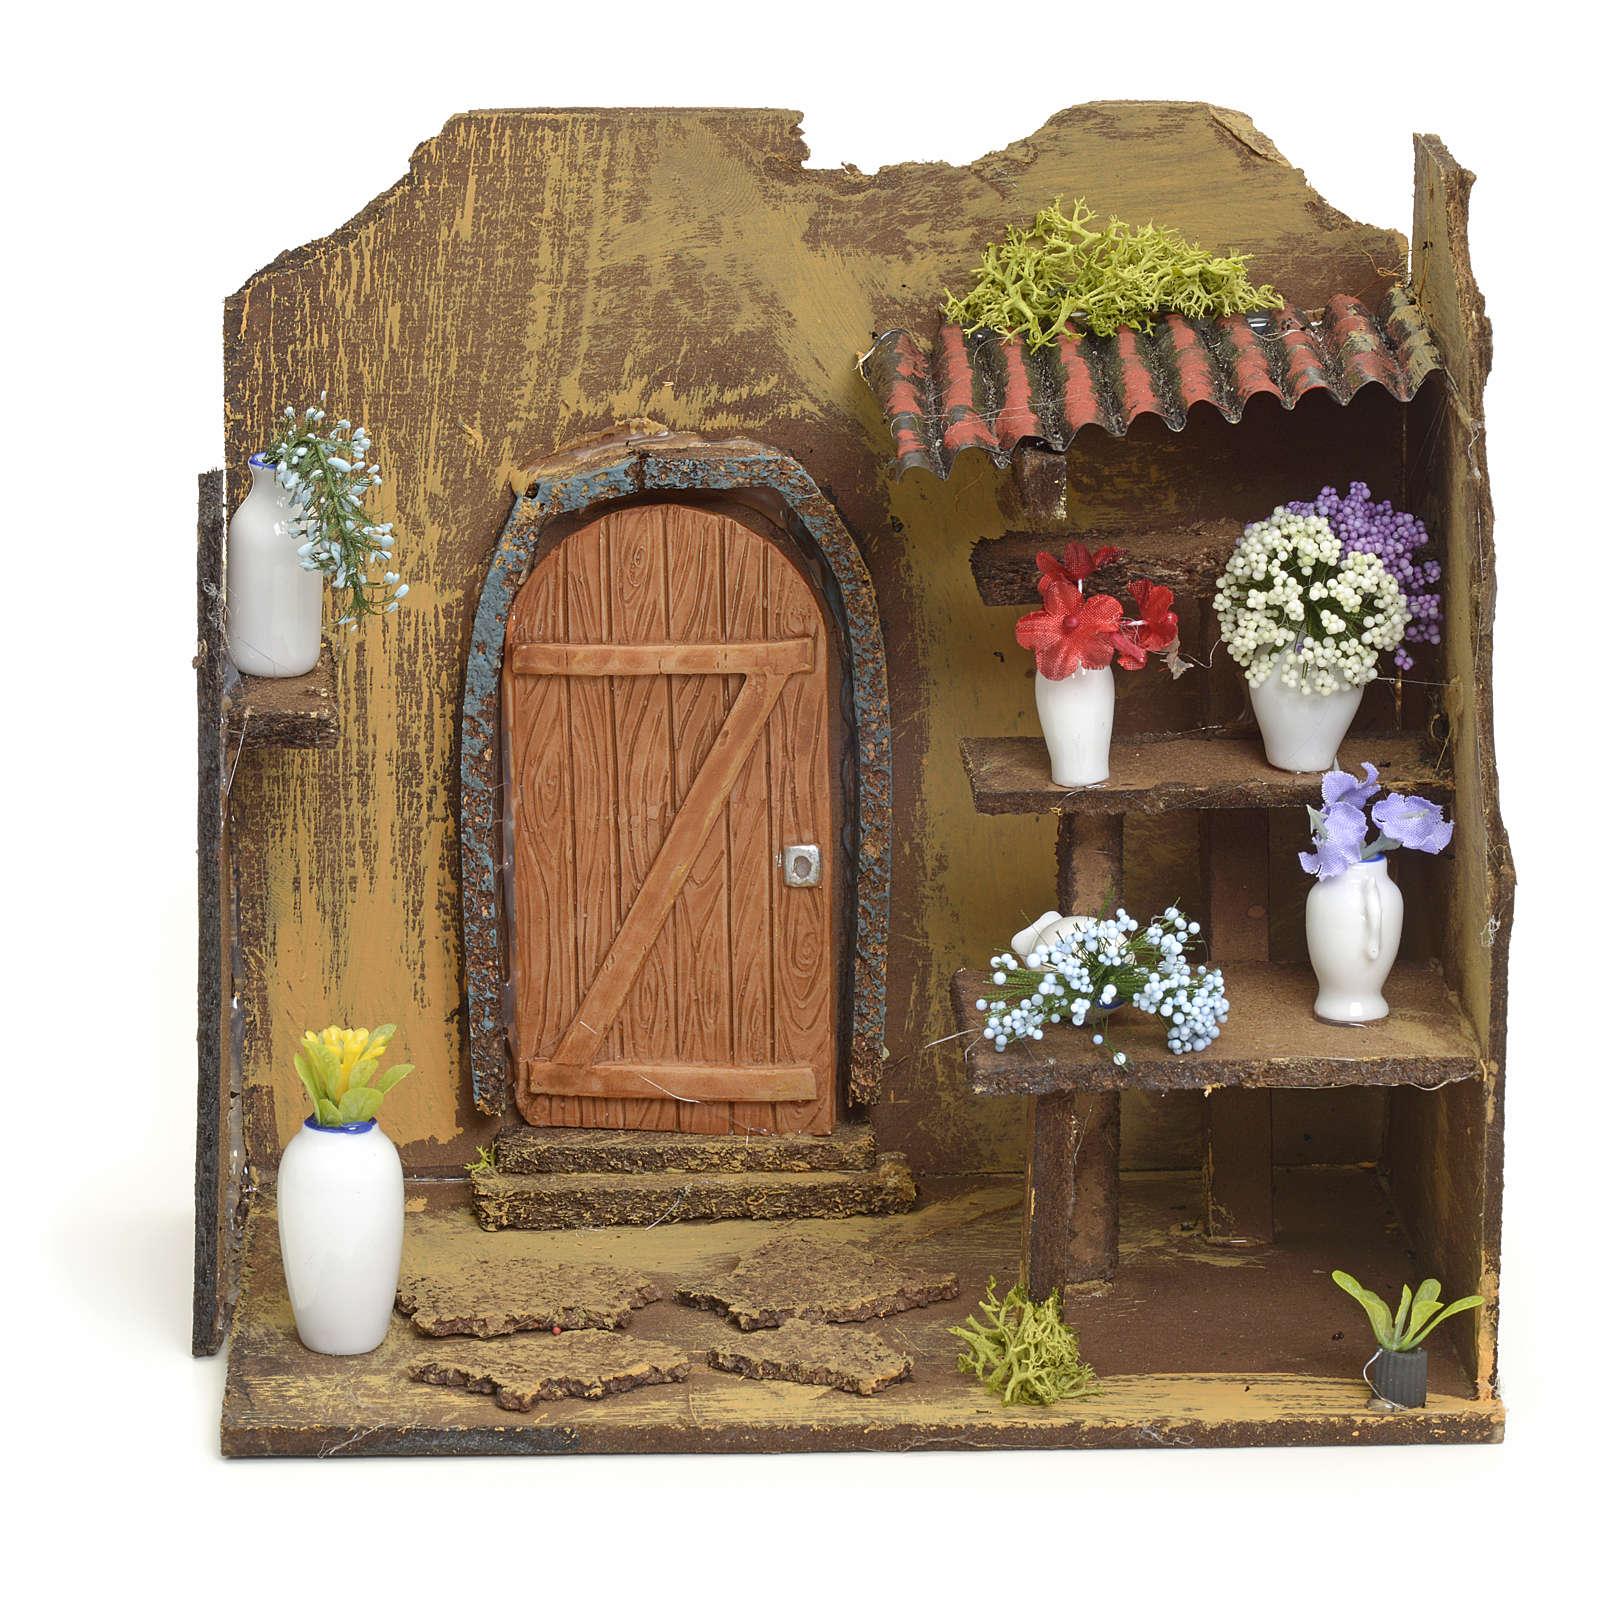 Décor crèche boutique de fleuriste 20x20x14 4